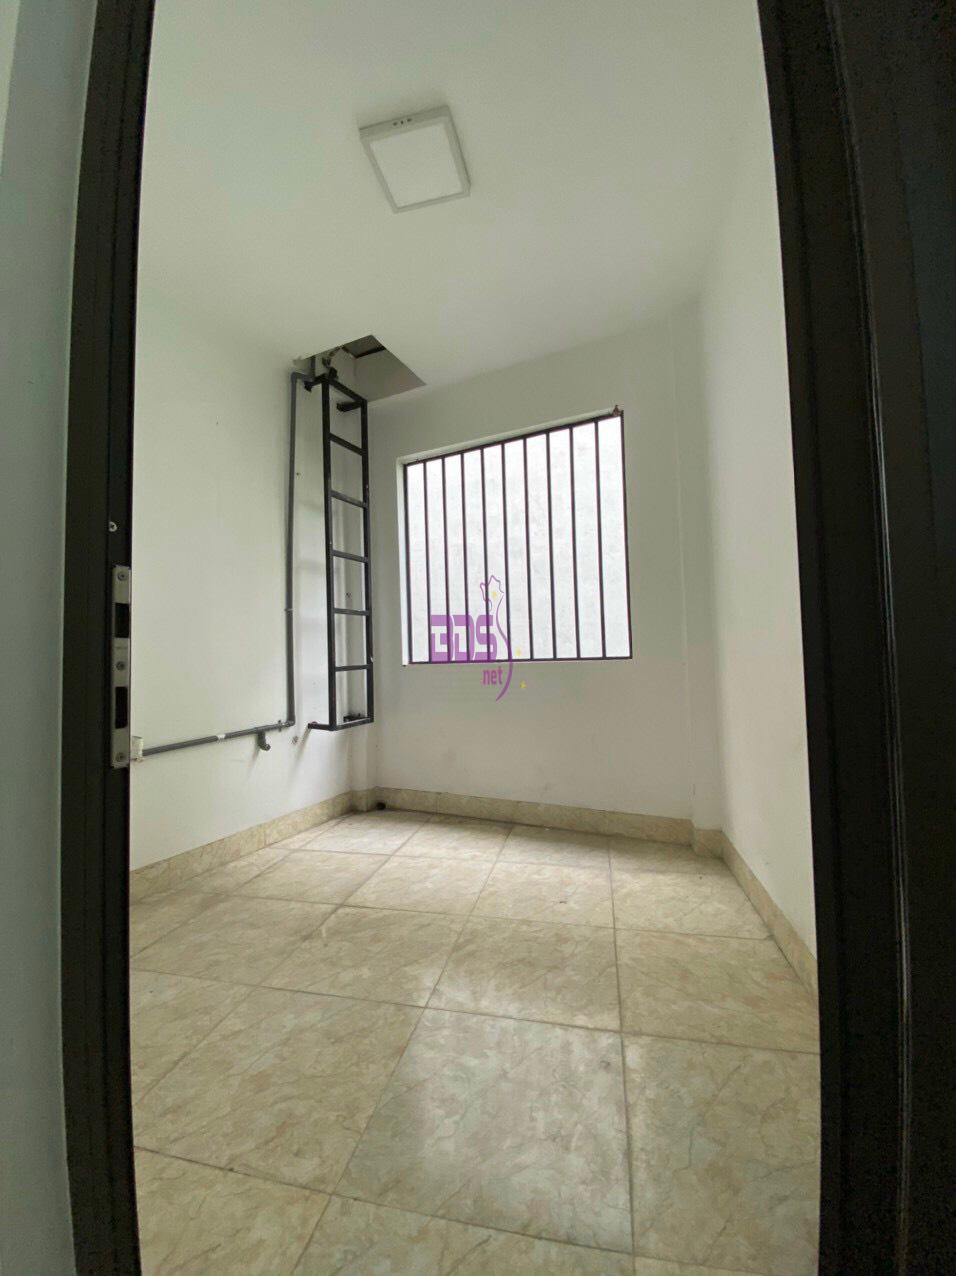 Bán dùm chủ căn nhà 2 tầng phố Lê Viết Quang, Ngọc Châu 59.3m2-4